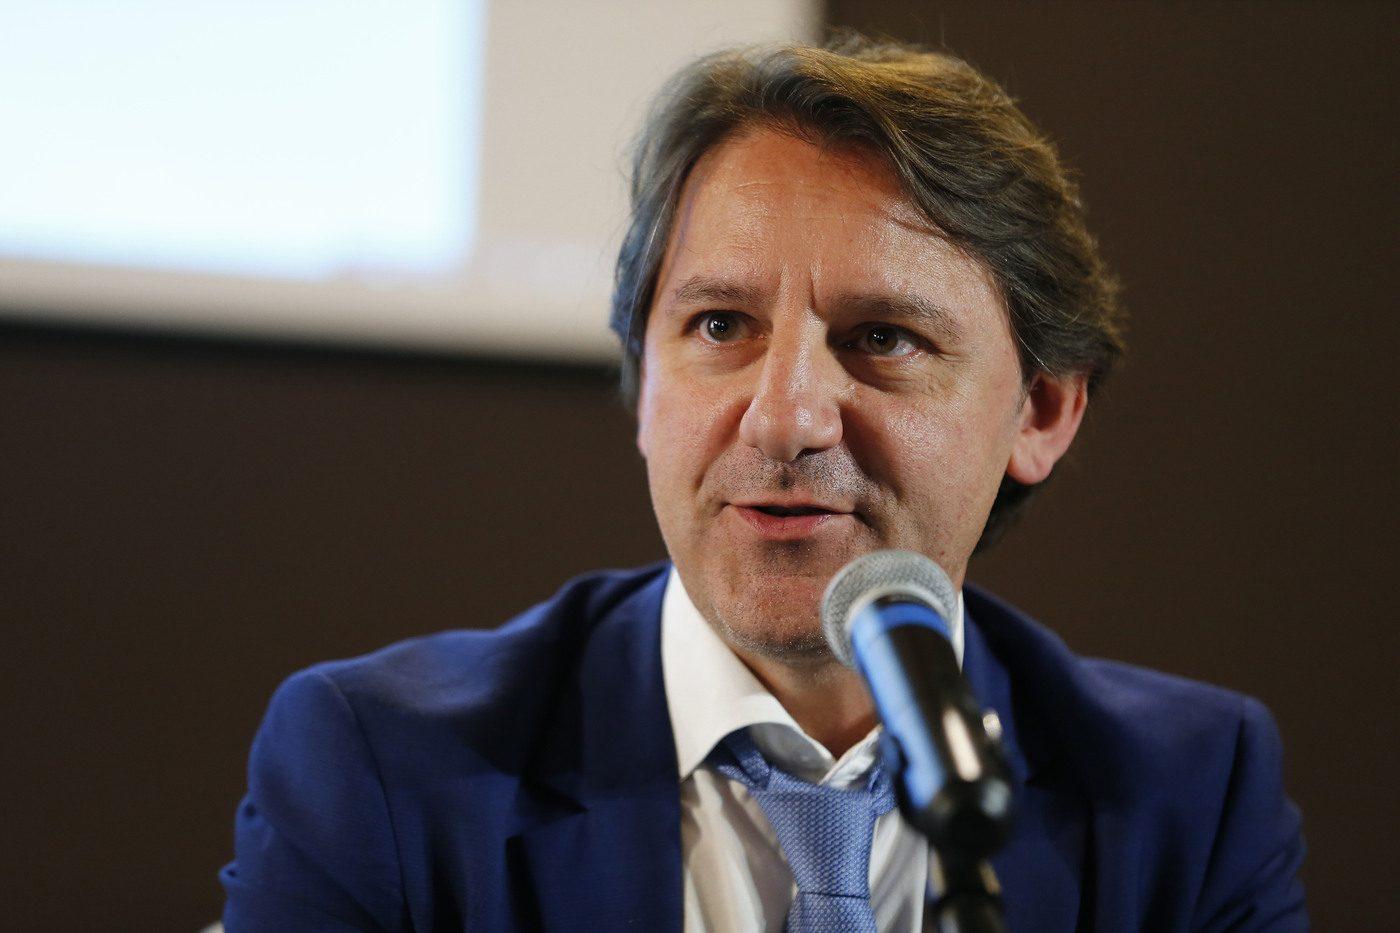 """La proposta del presidente Inps Tridico: """"Ridurre l'orario di lavoro per aumentare l'occupazione"""""""